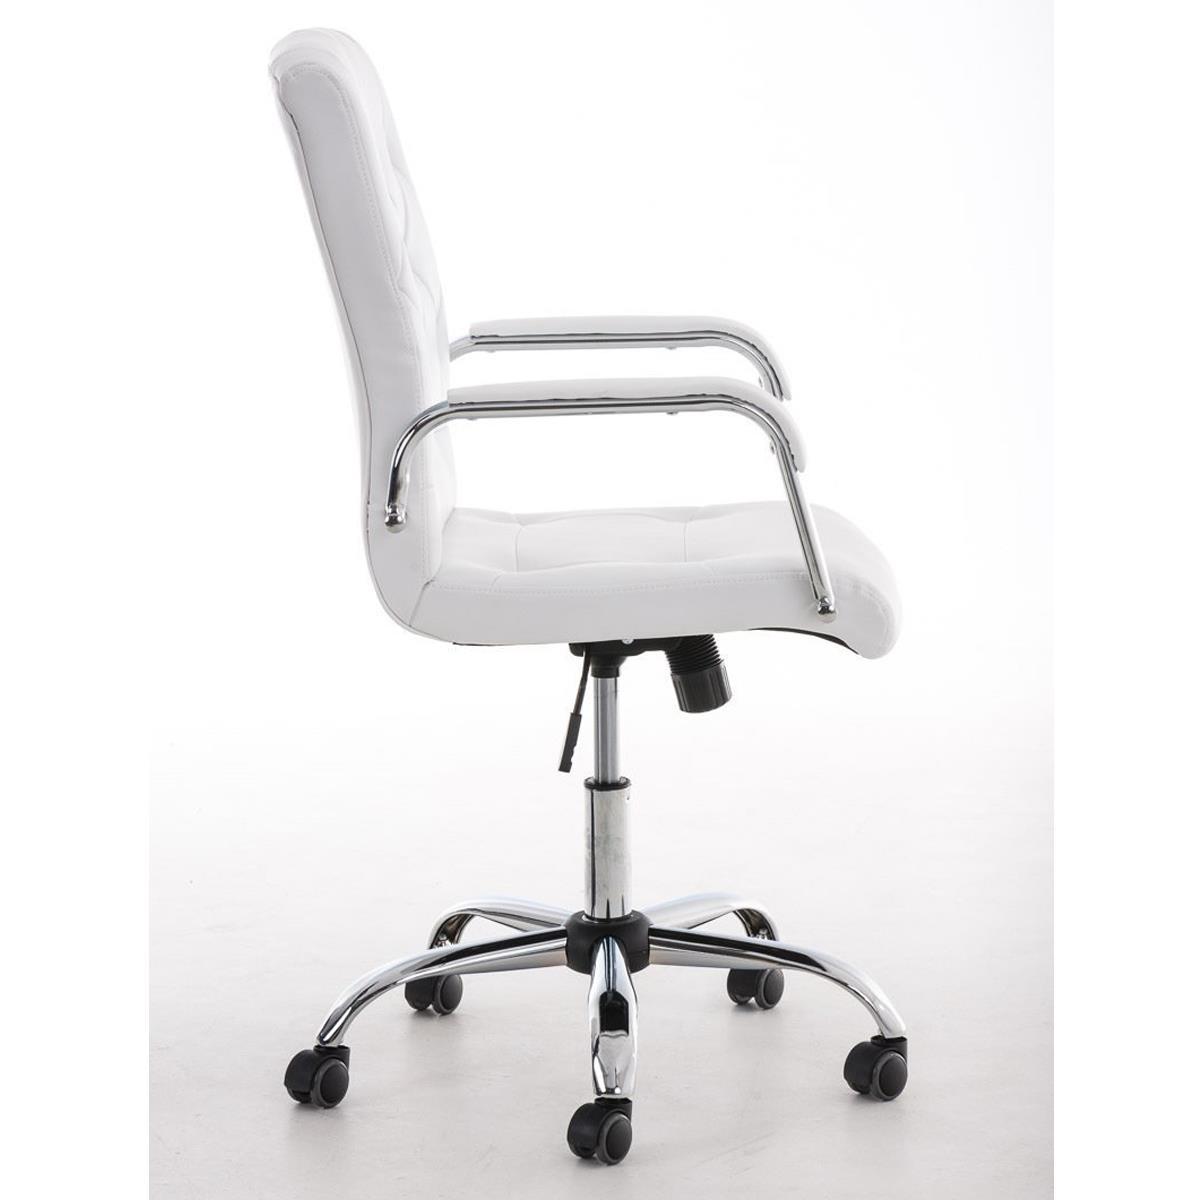 vantaggi e svantaggi di una sedia per scrivania senza